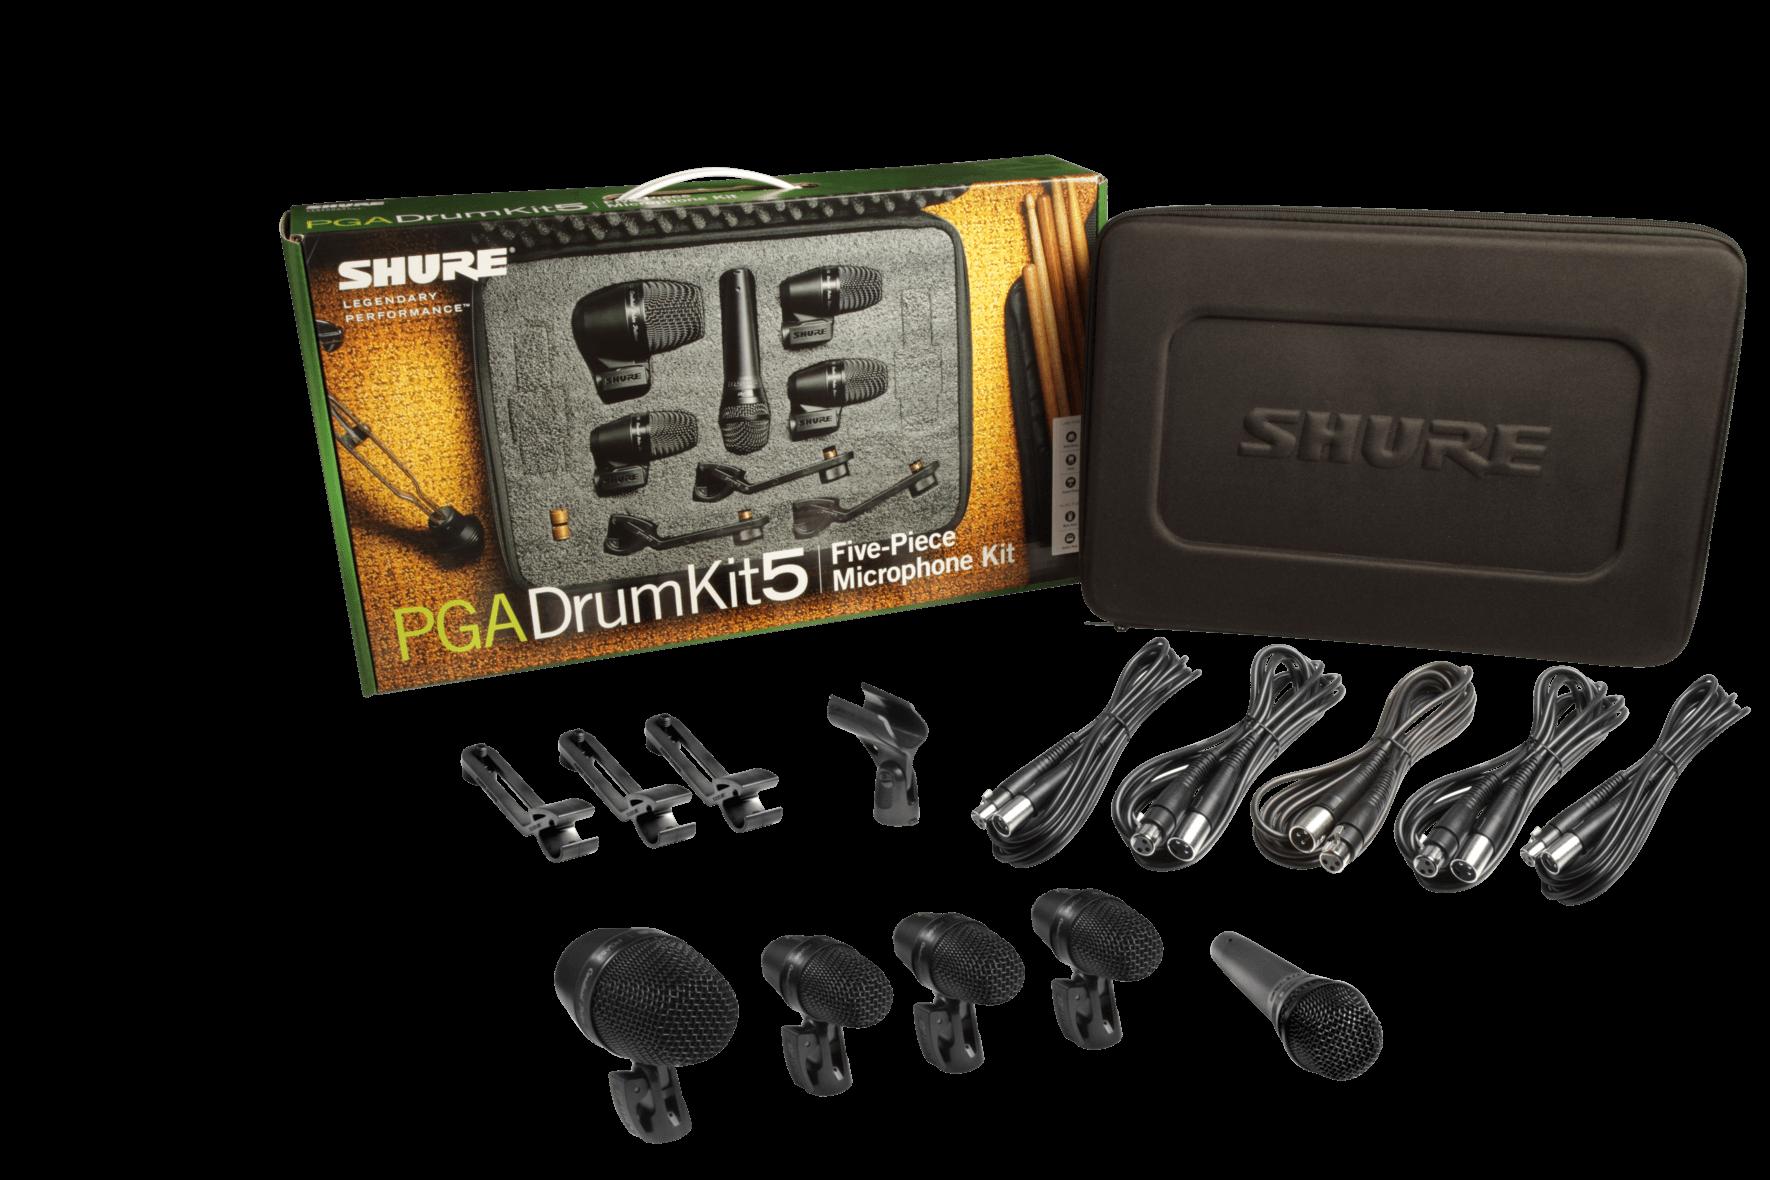 Shure PGADRUMKIT5 Paquete de 5 micrófonos p/batería, 3 x pga56, 1 x pga52, 1 x pga57